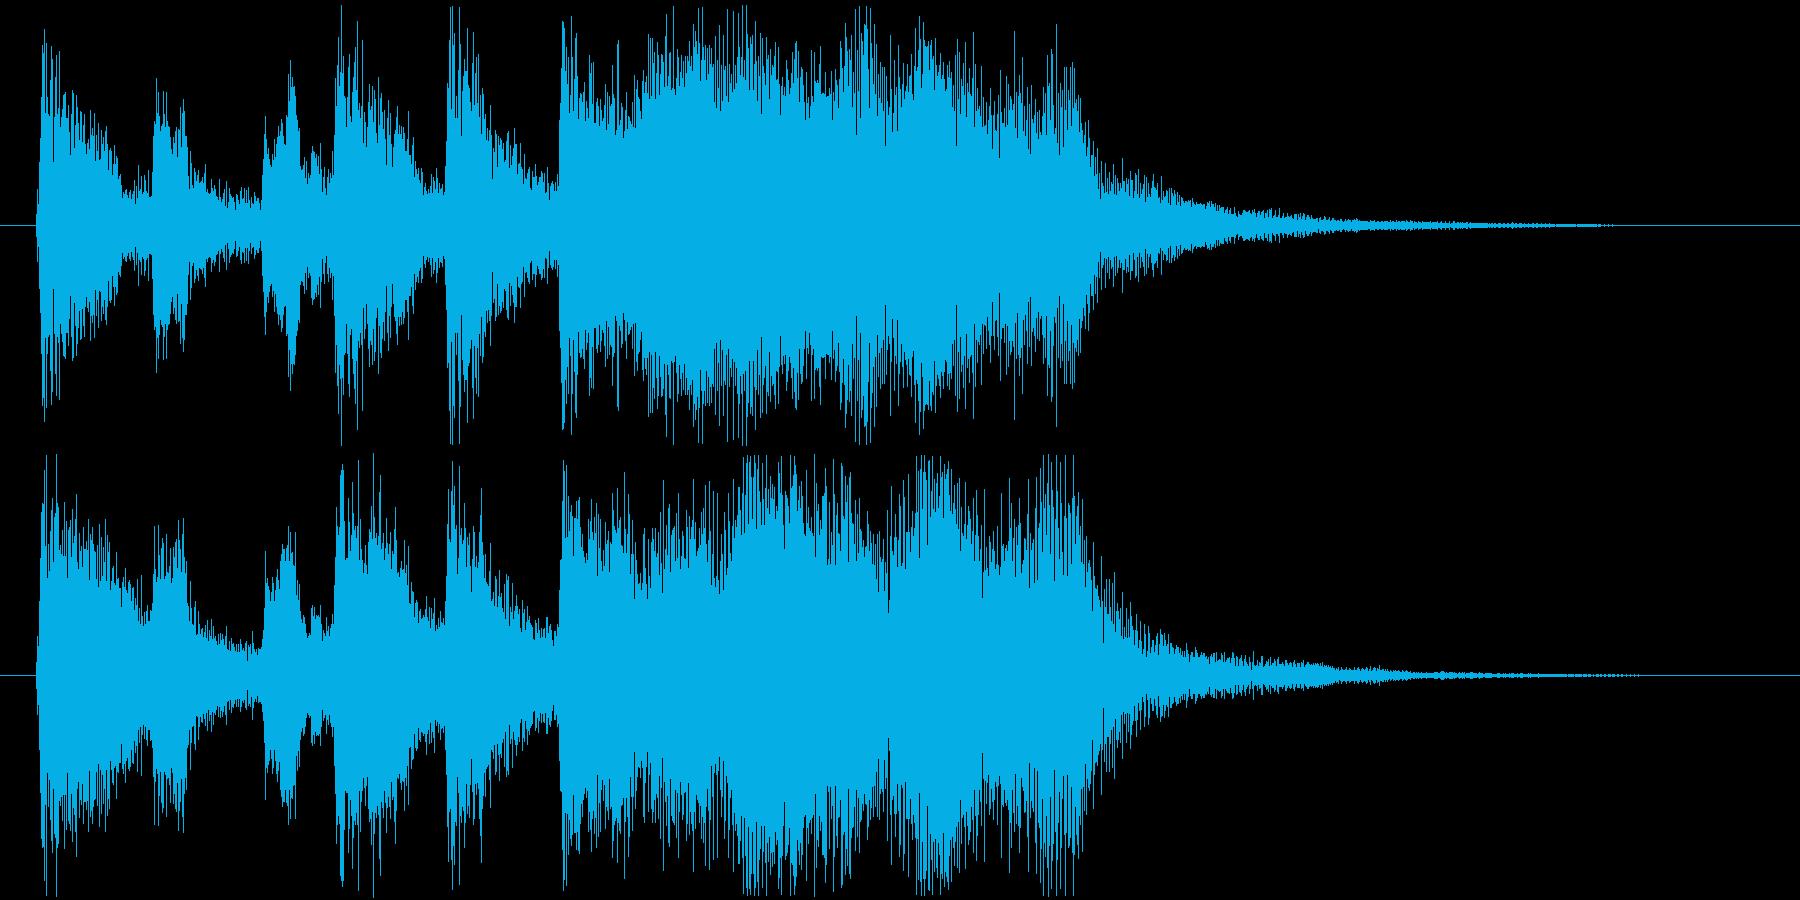 5秒ちょうどのブラスファンファーレの再生済みの波形